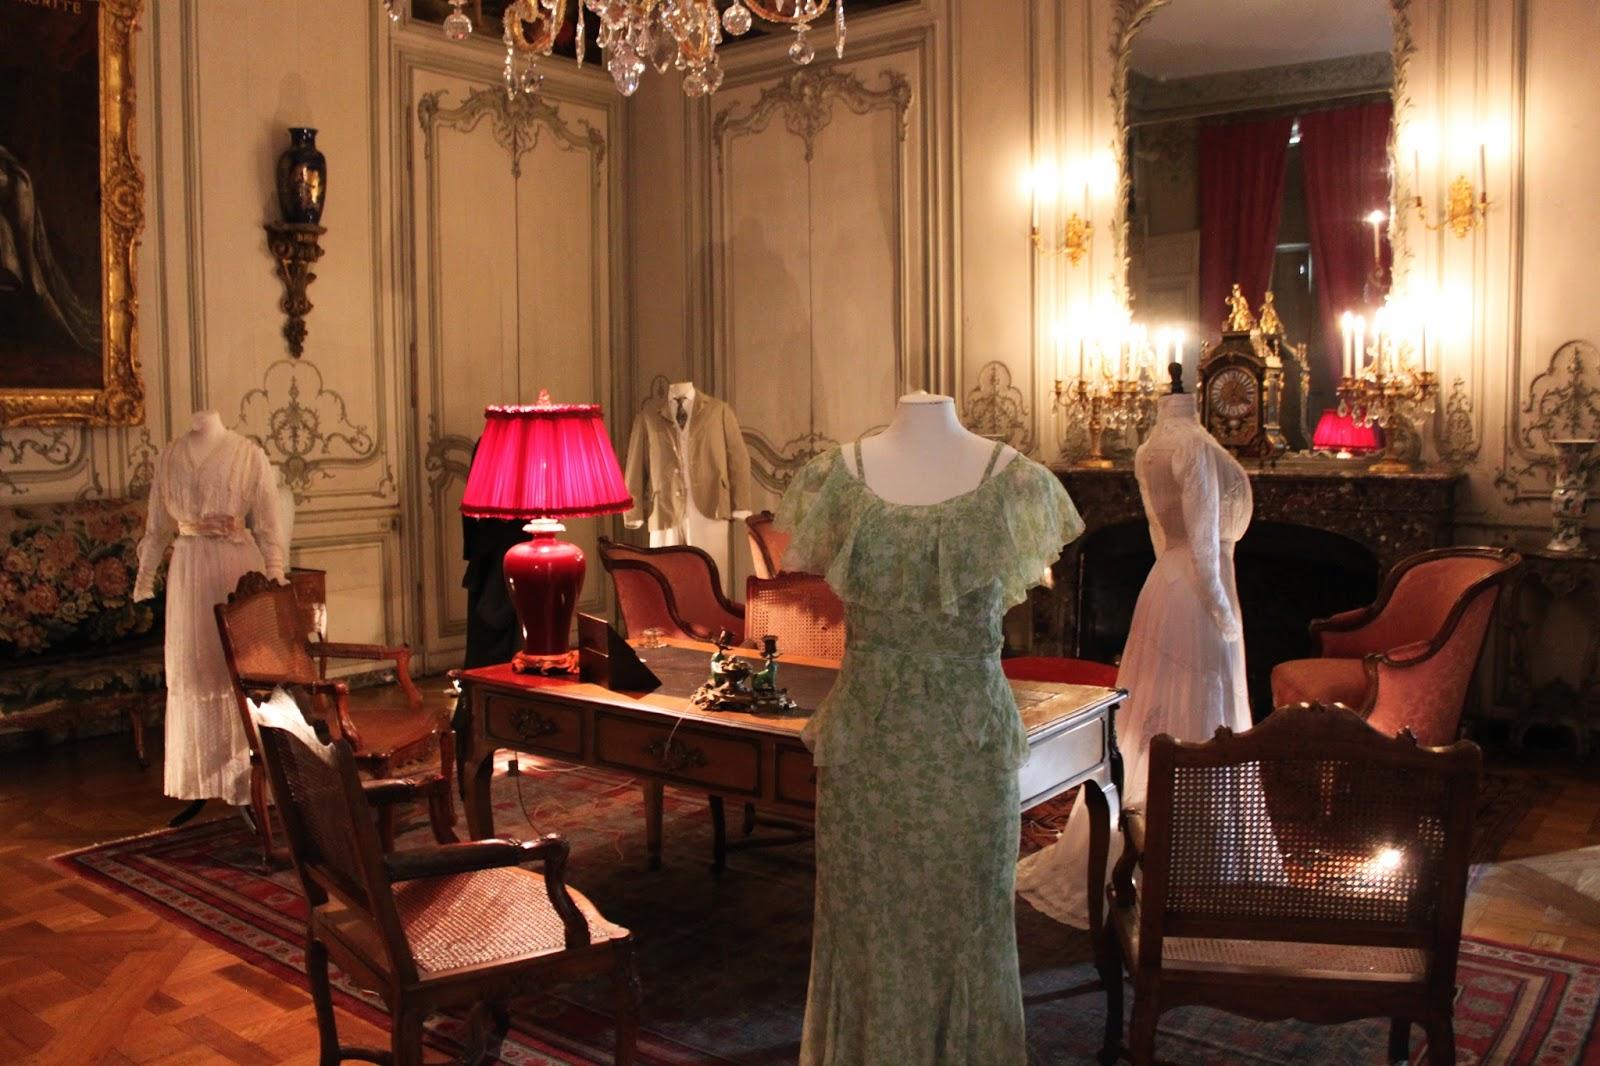 L'histoire en costume - exposition l'élégance au XIXeme siècle - chateau de champs sur marne - seine et marne - loisir - visite